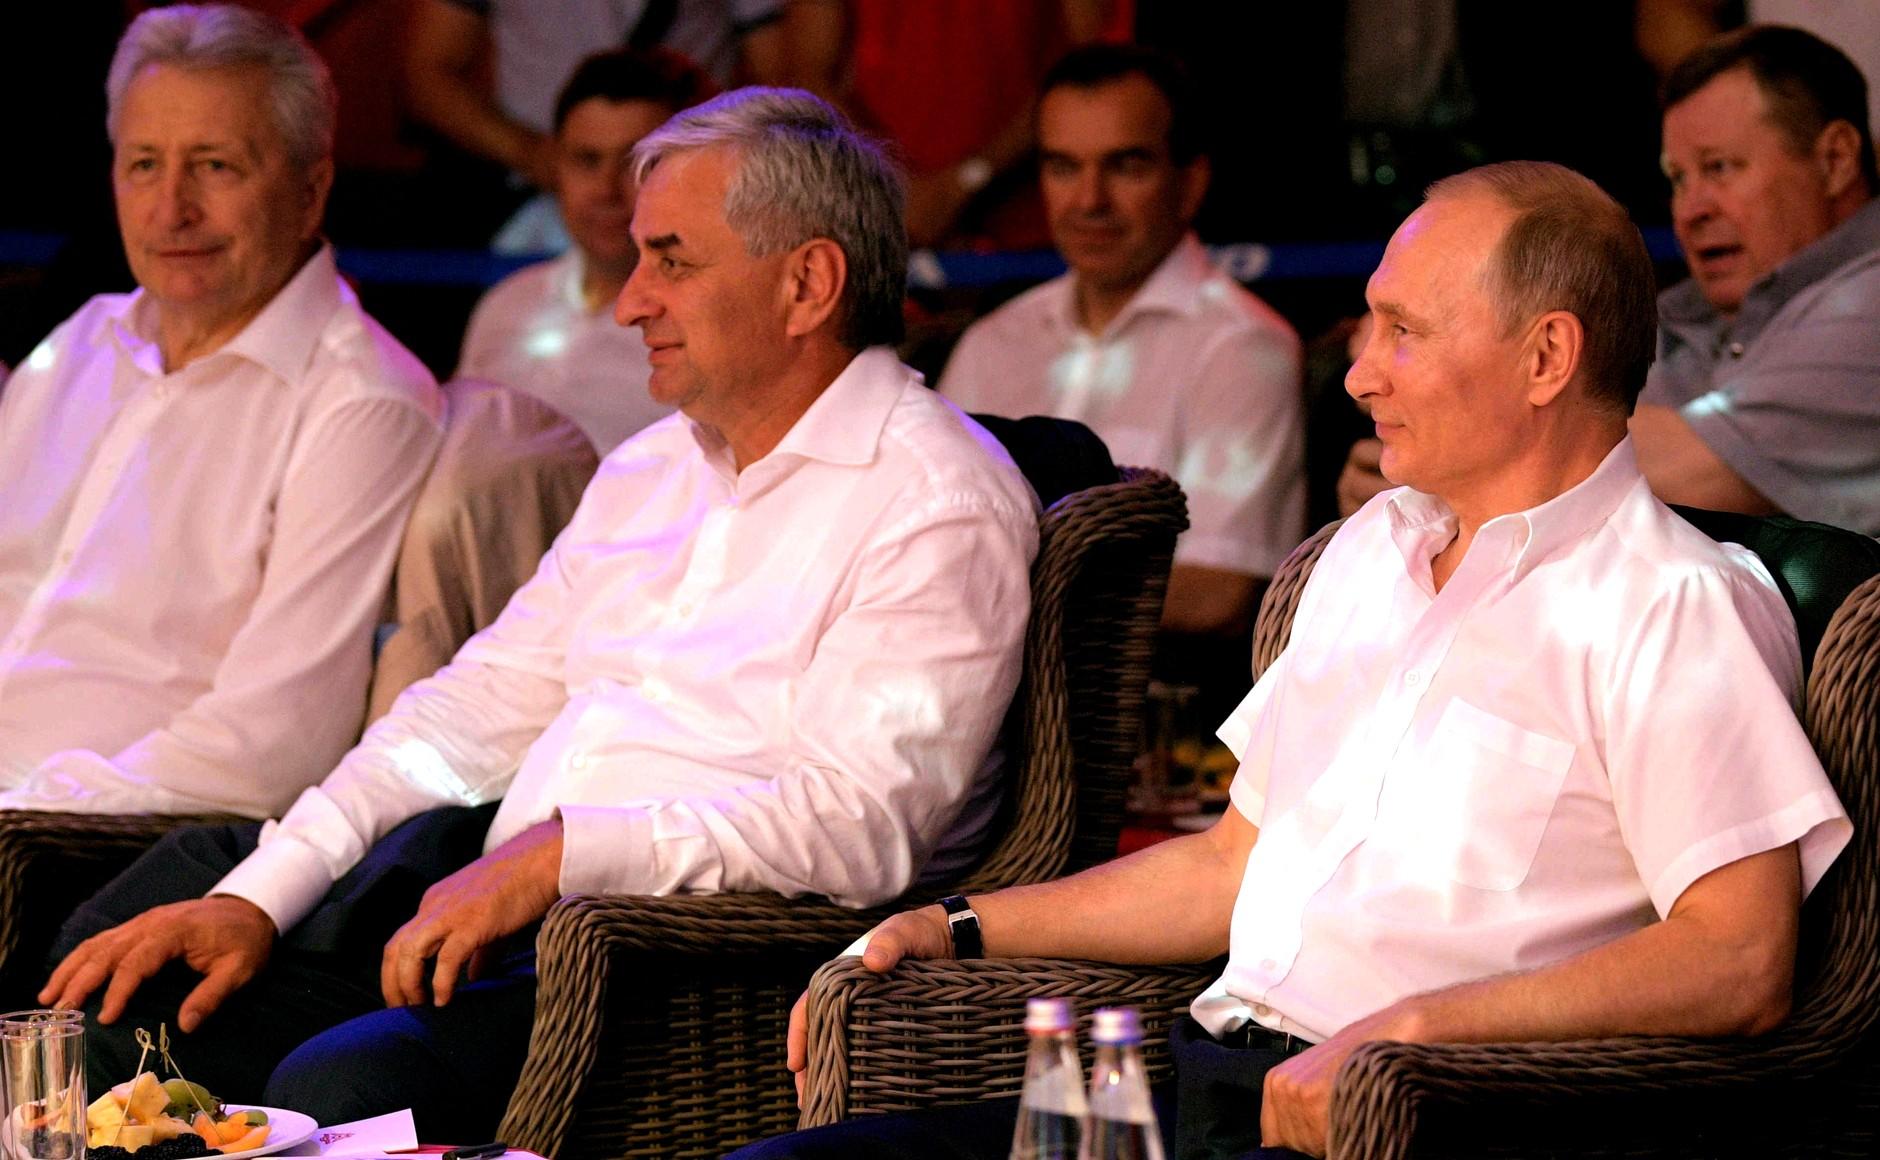 File Vladimir Putin Said At The Sambo Tournament 2017 08 09 05 Jpg Wikimedia Commons